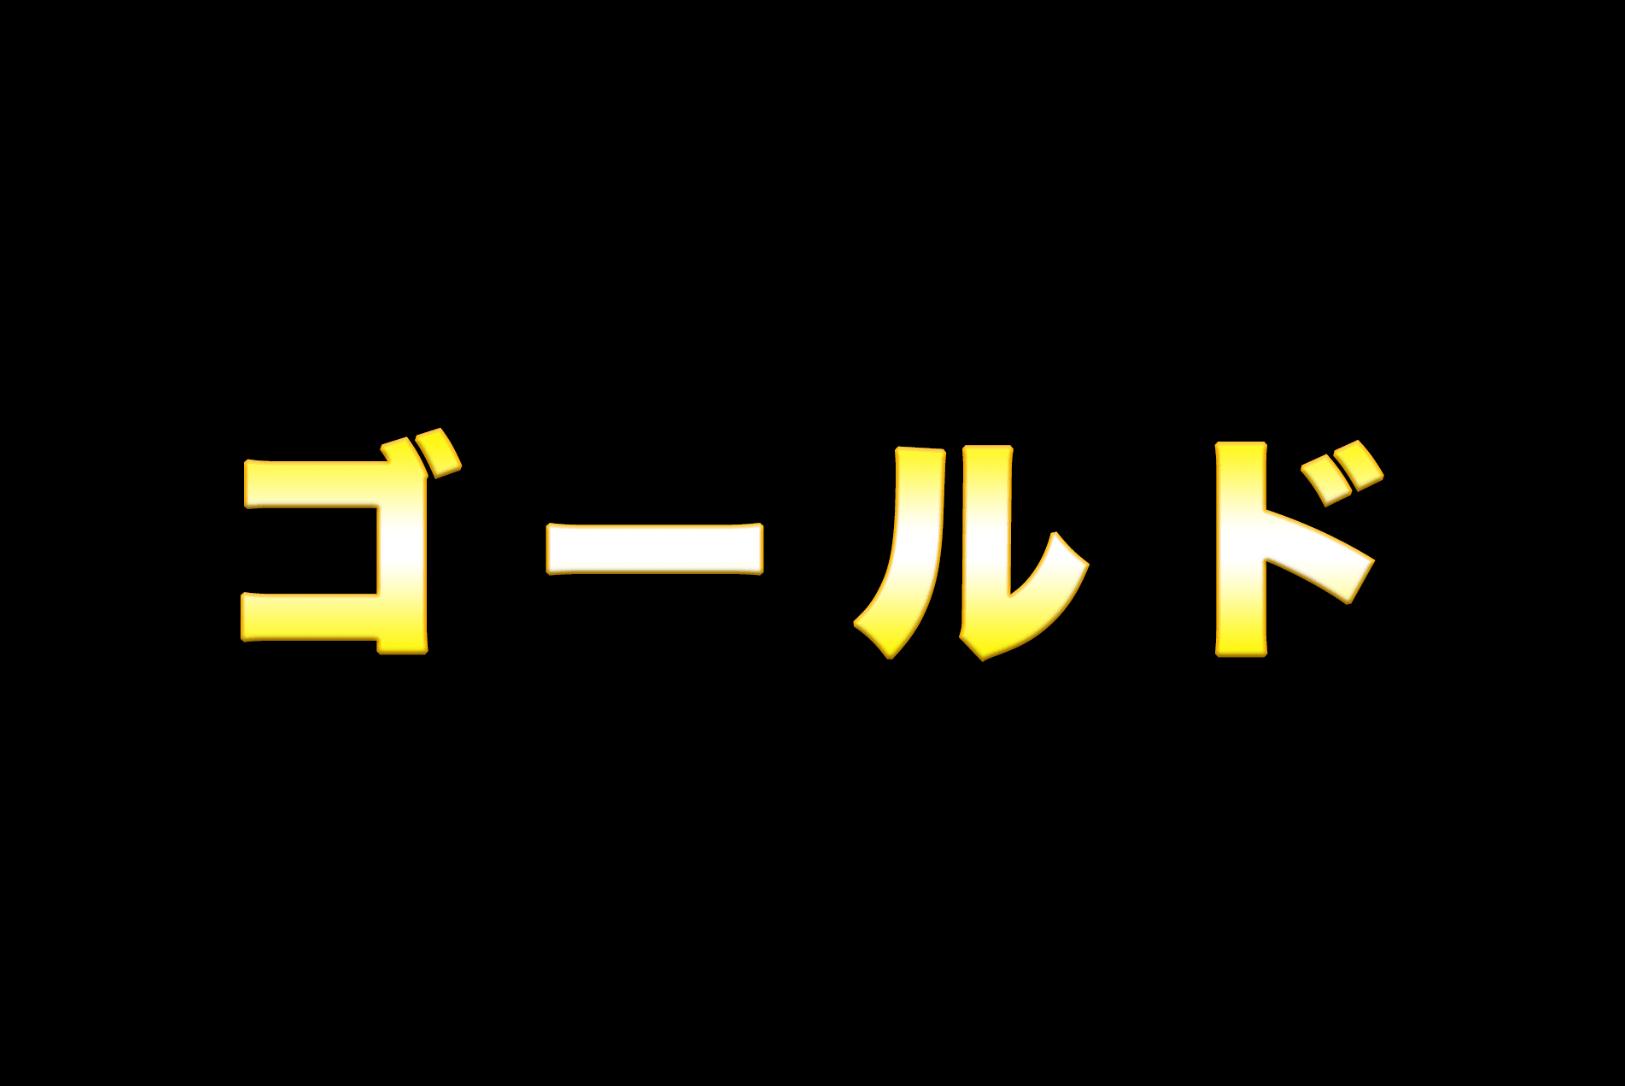 photoshop ゴールド 文字12